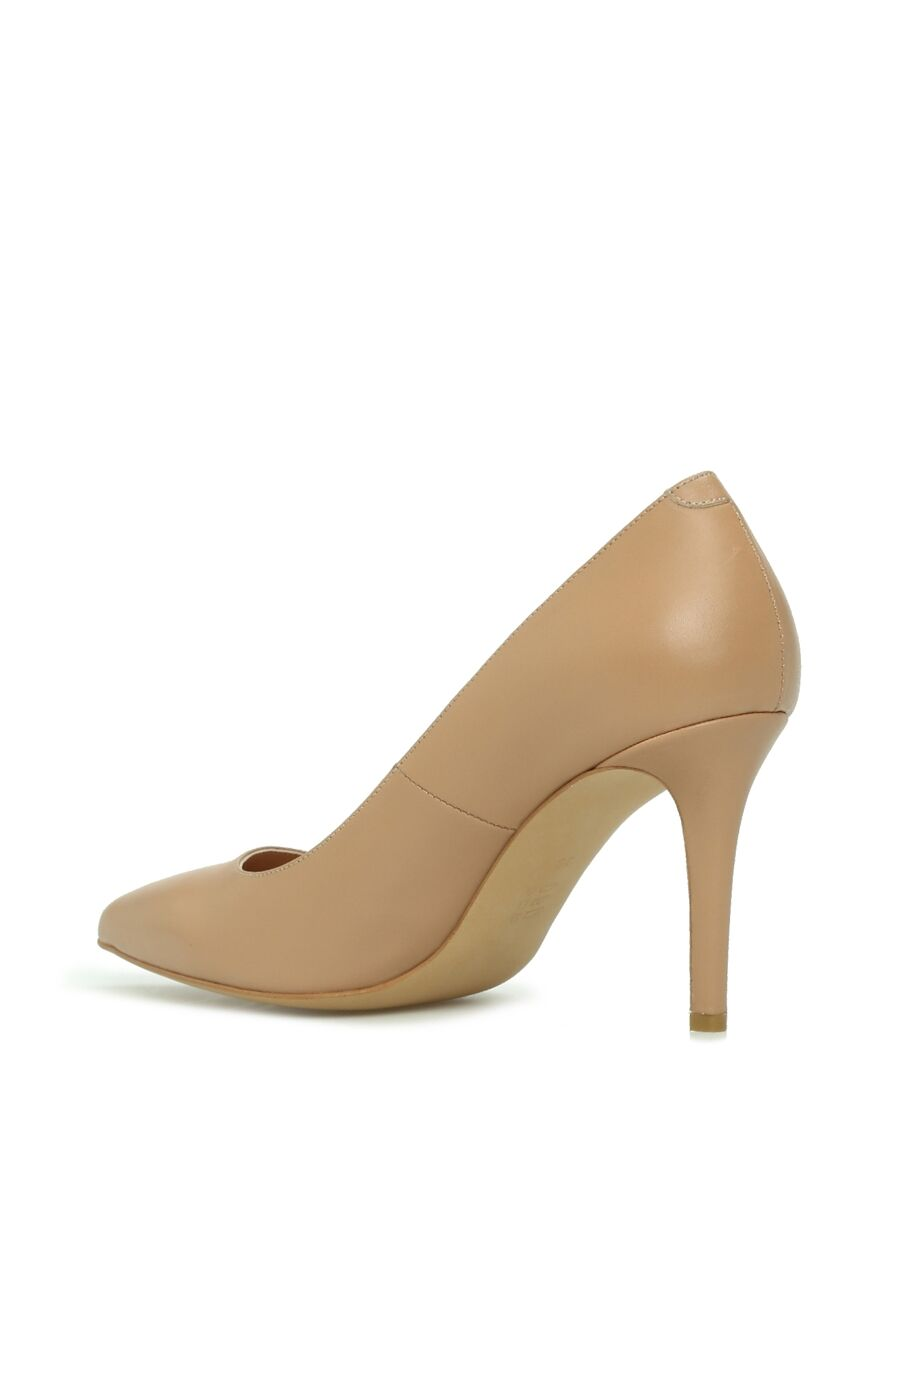 Kadın Stiletto Pudra Deri Kadın Stiletto